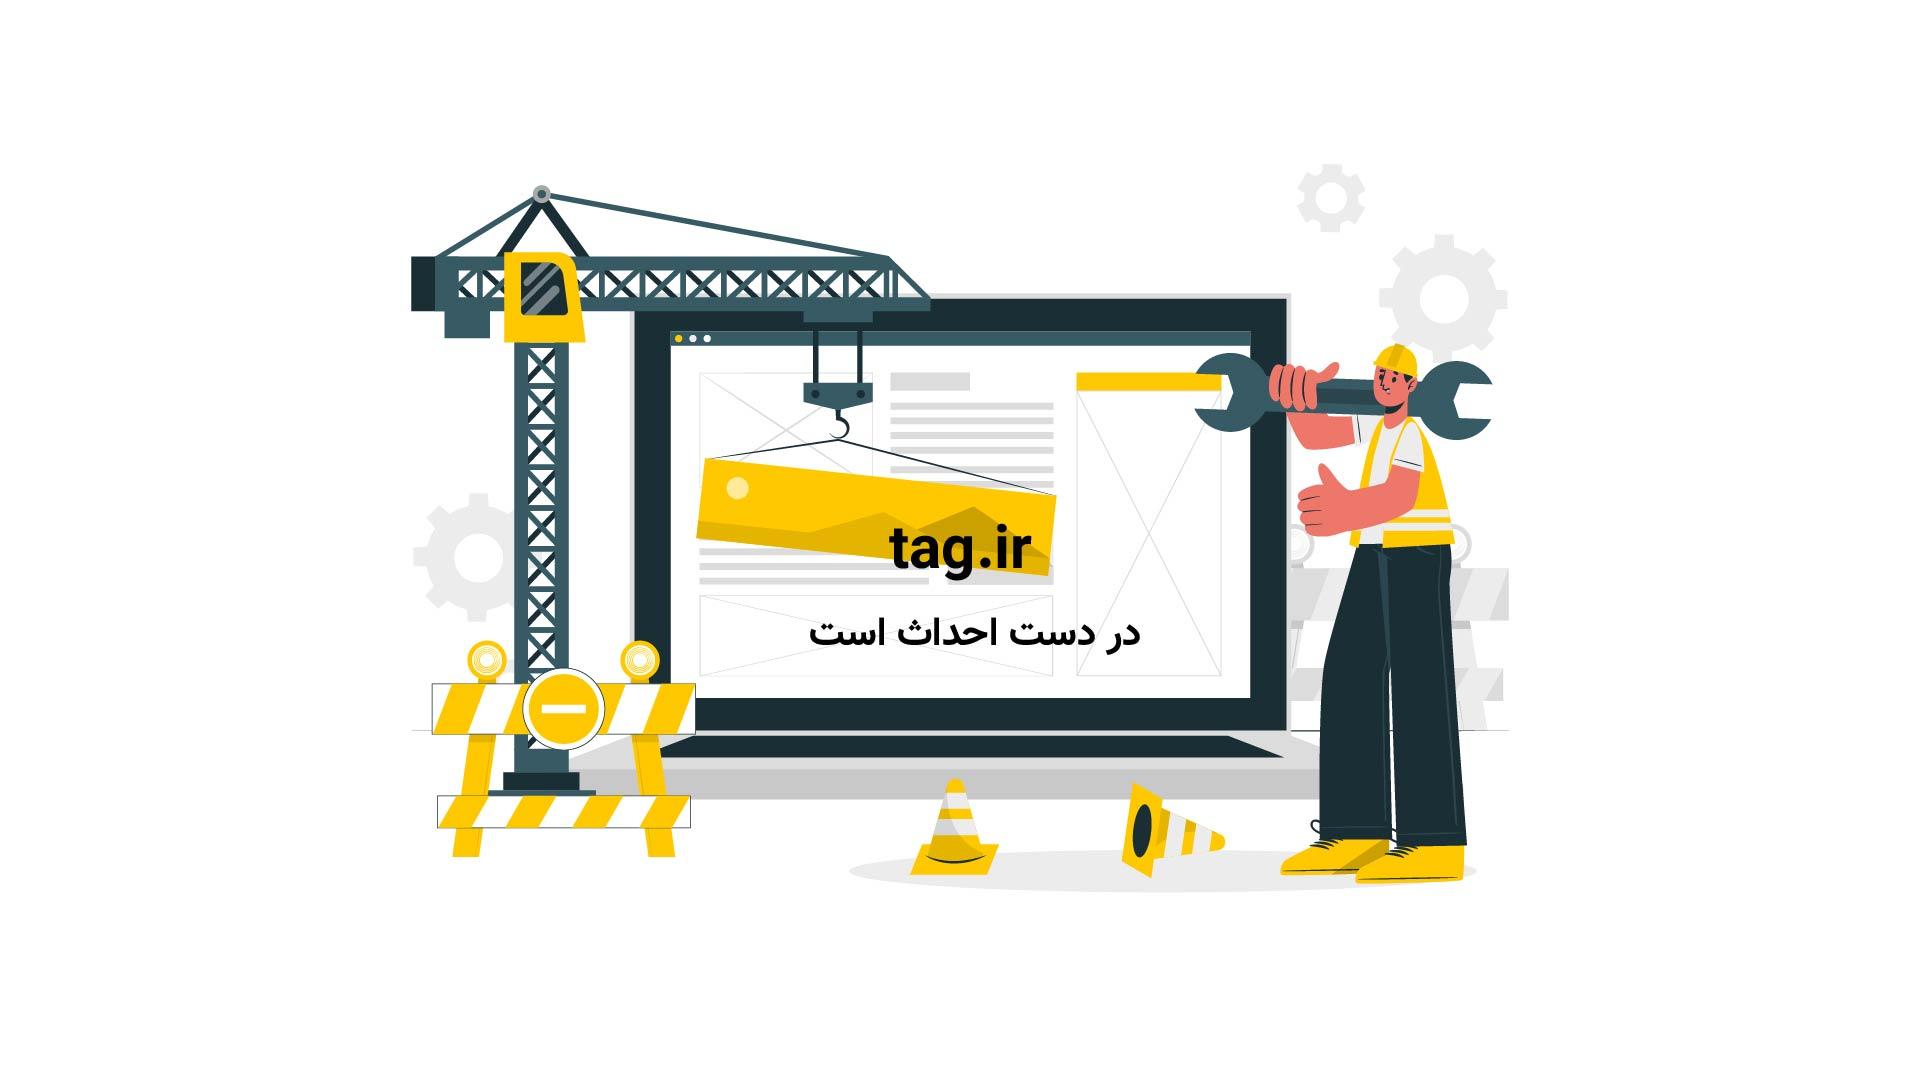 مسابقه گل کوچیک رامبد جوان و کامبیز دیرباز در برنامه خندوانه | فیلم